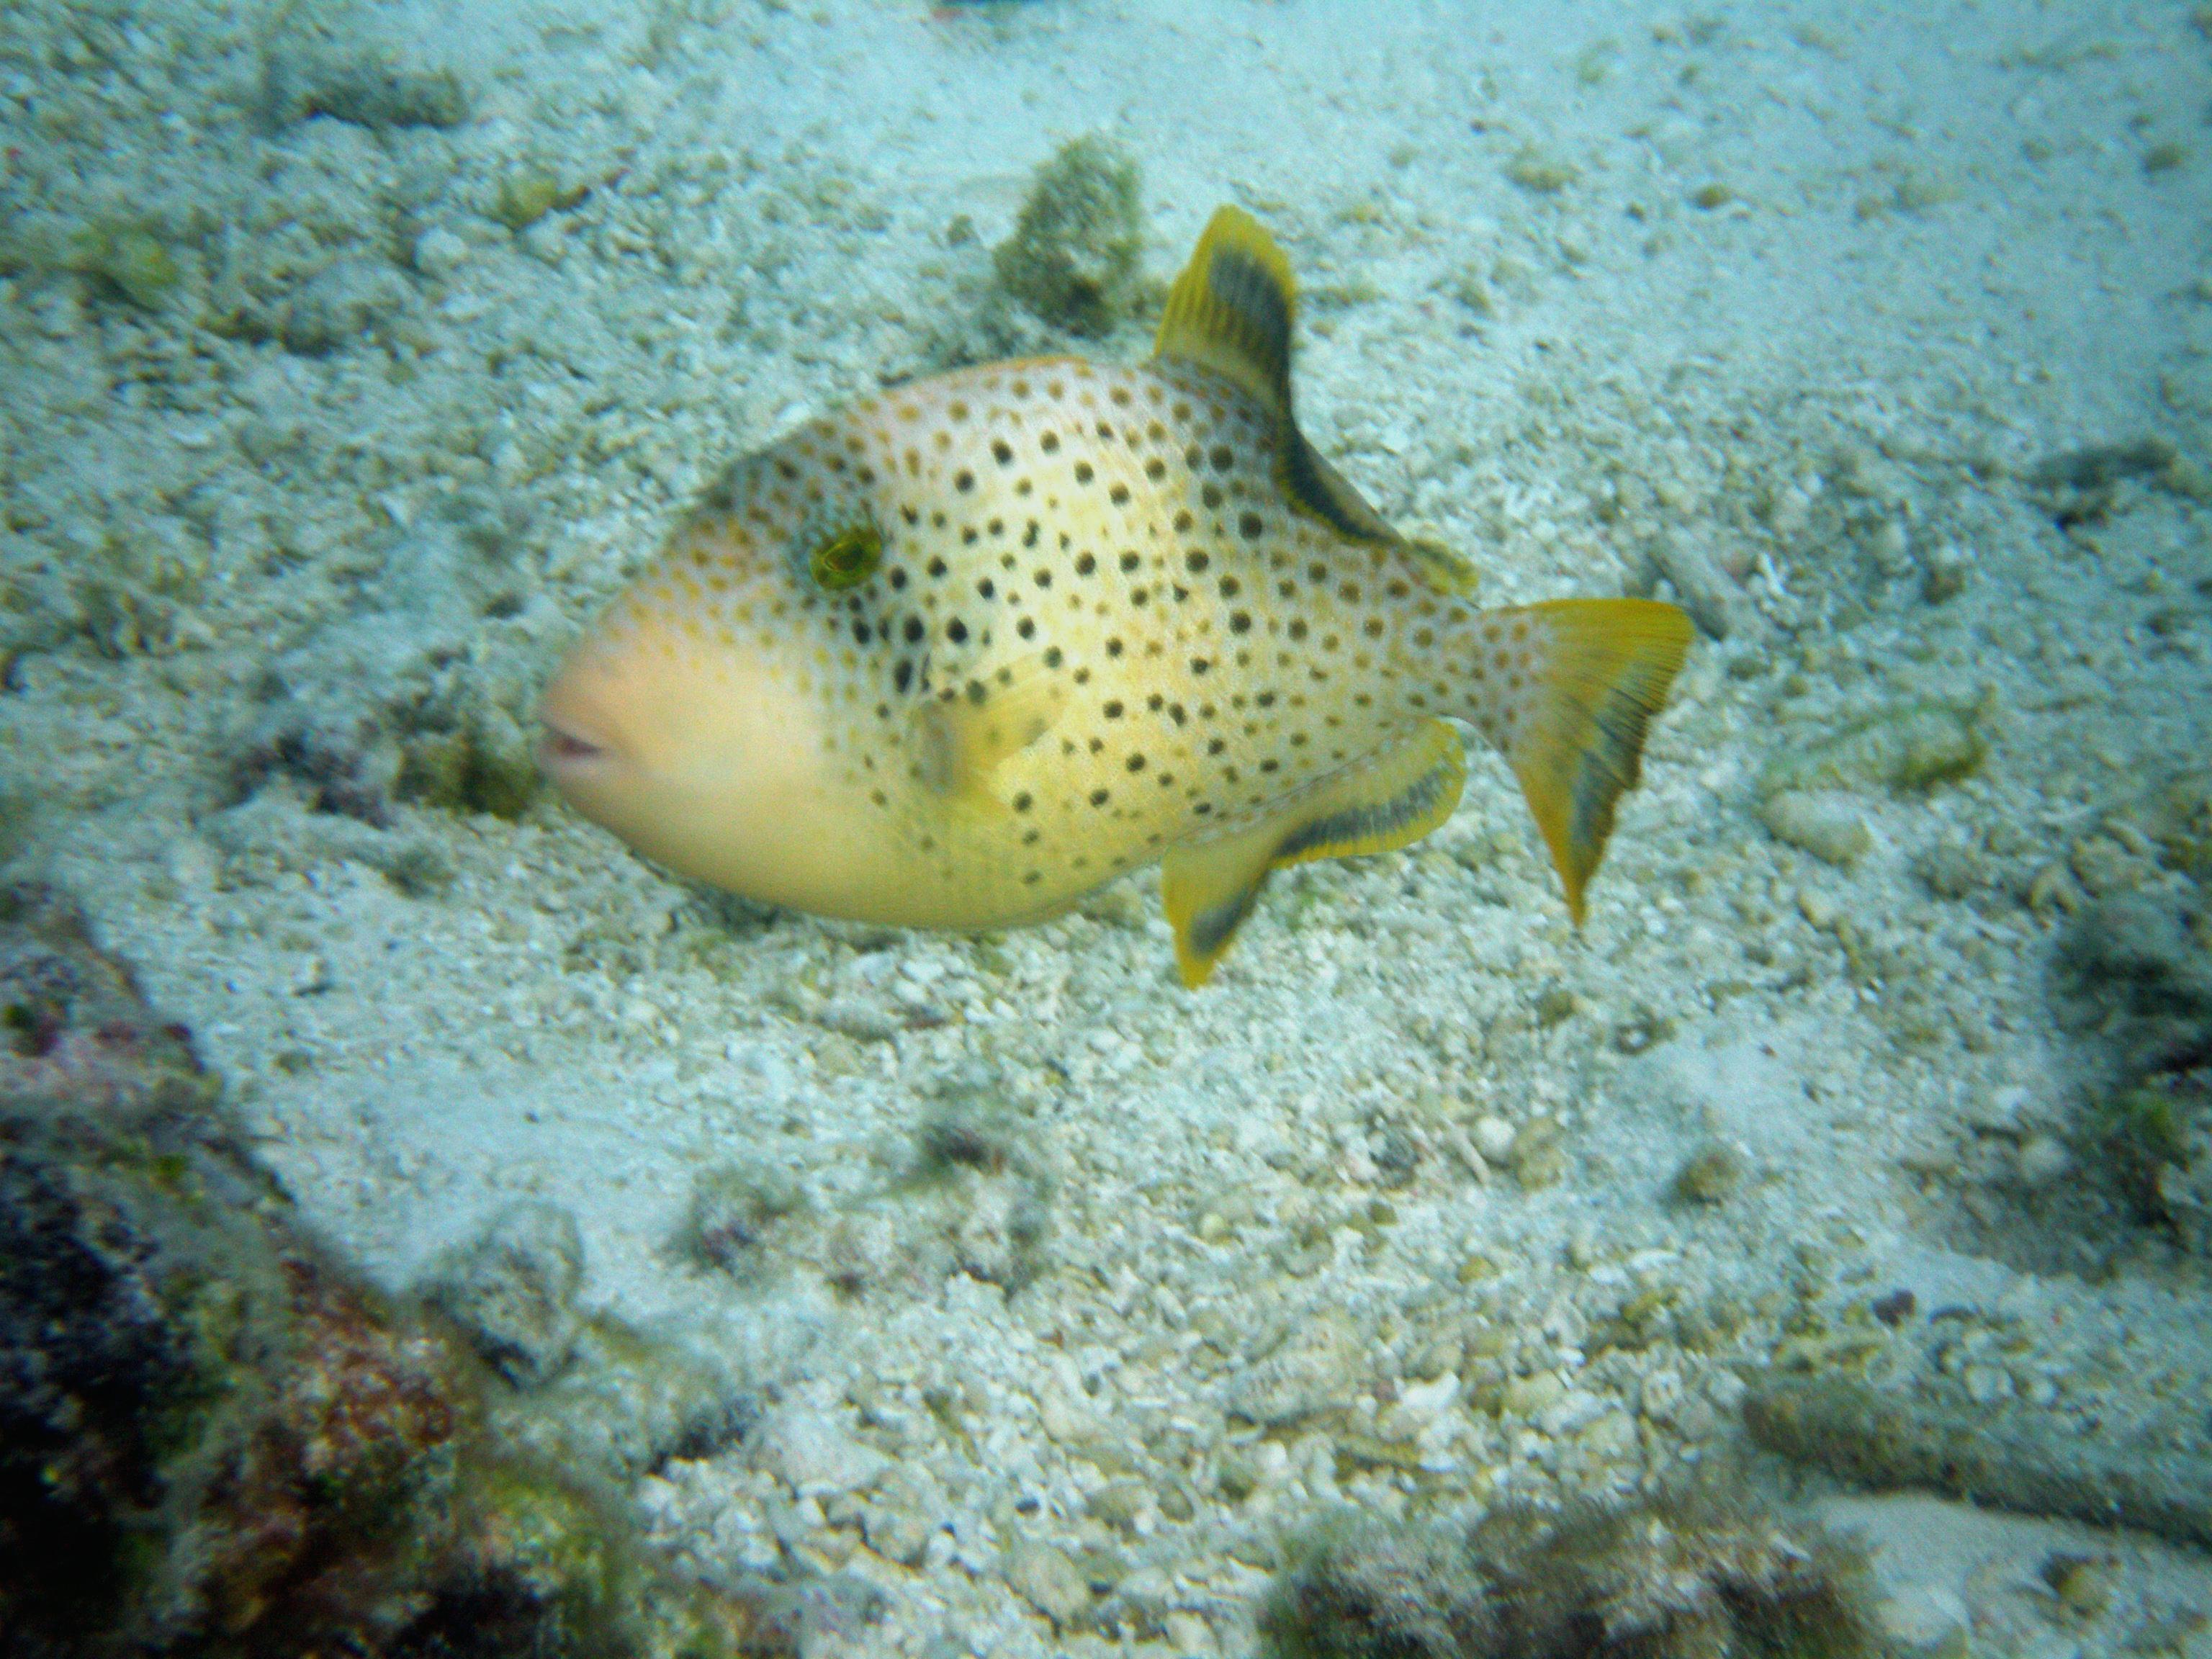 Http Commons Wikimedia Org Wiki File Maldives Fish Jpg